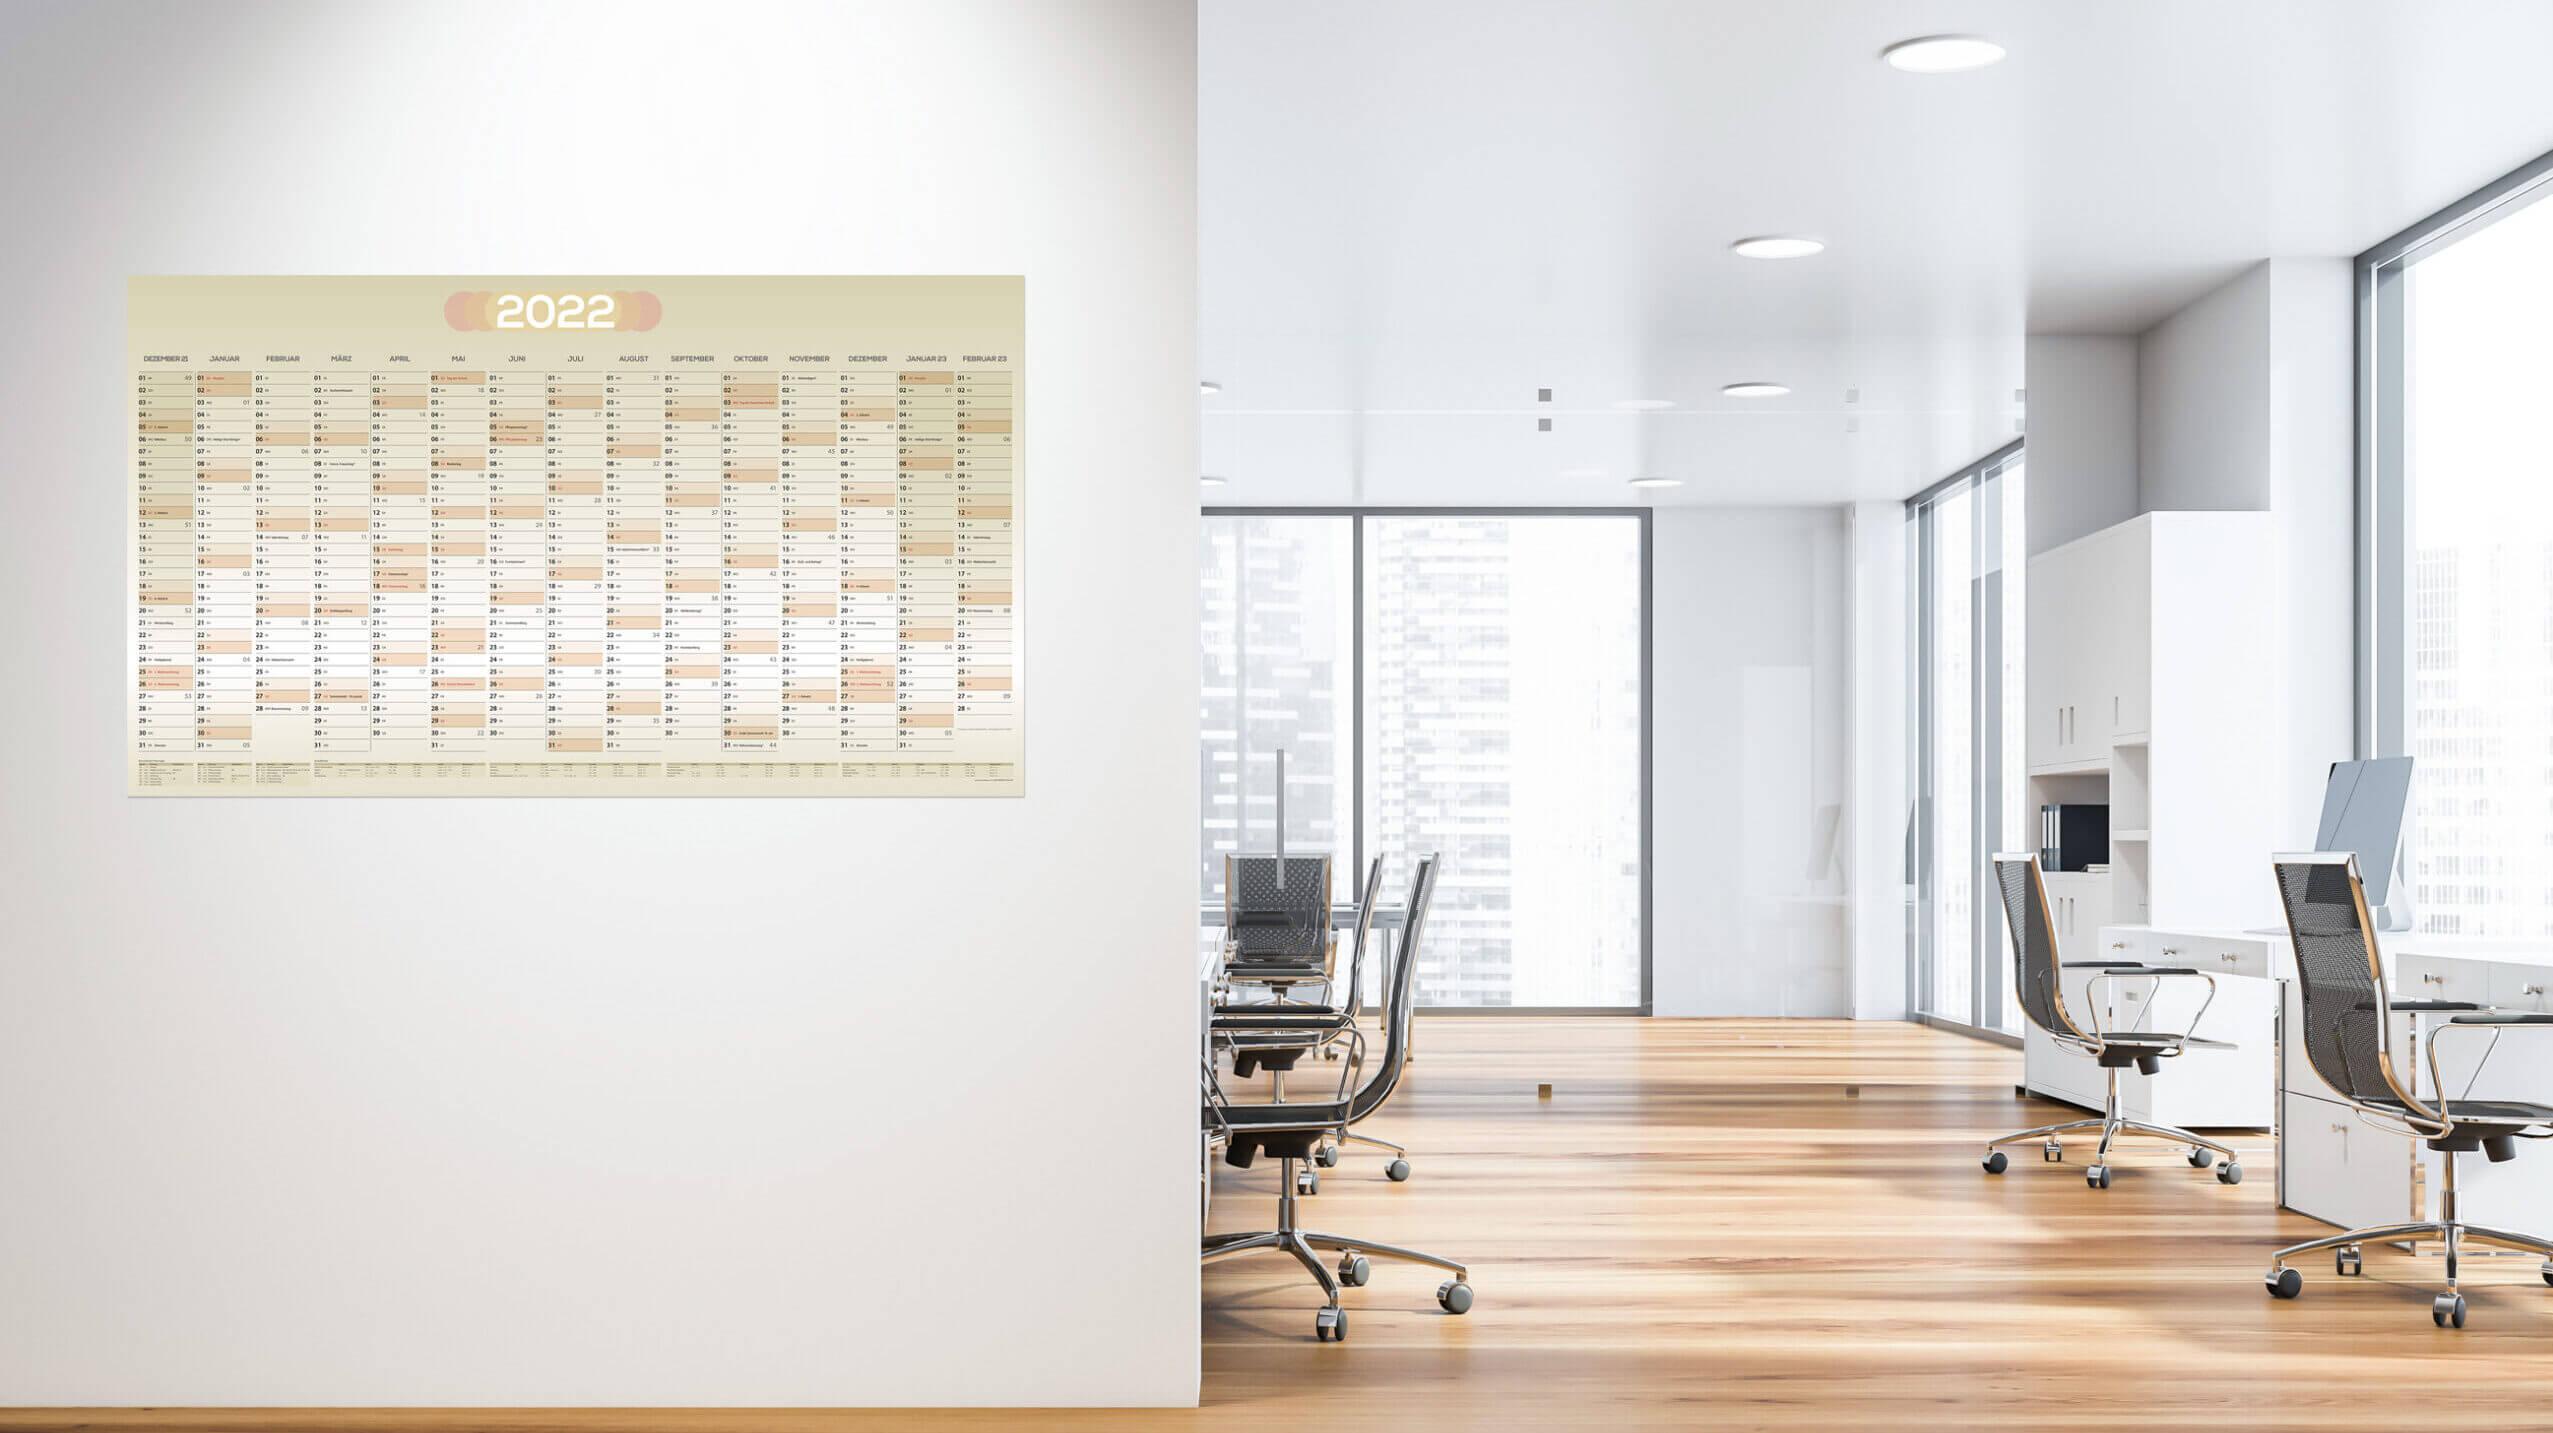 Kalender ohne Werbung für 2022 in einem Büro